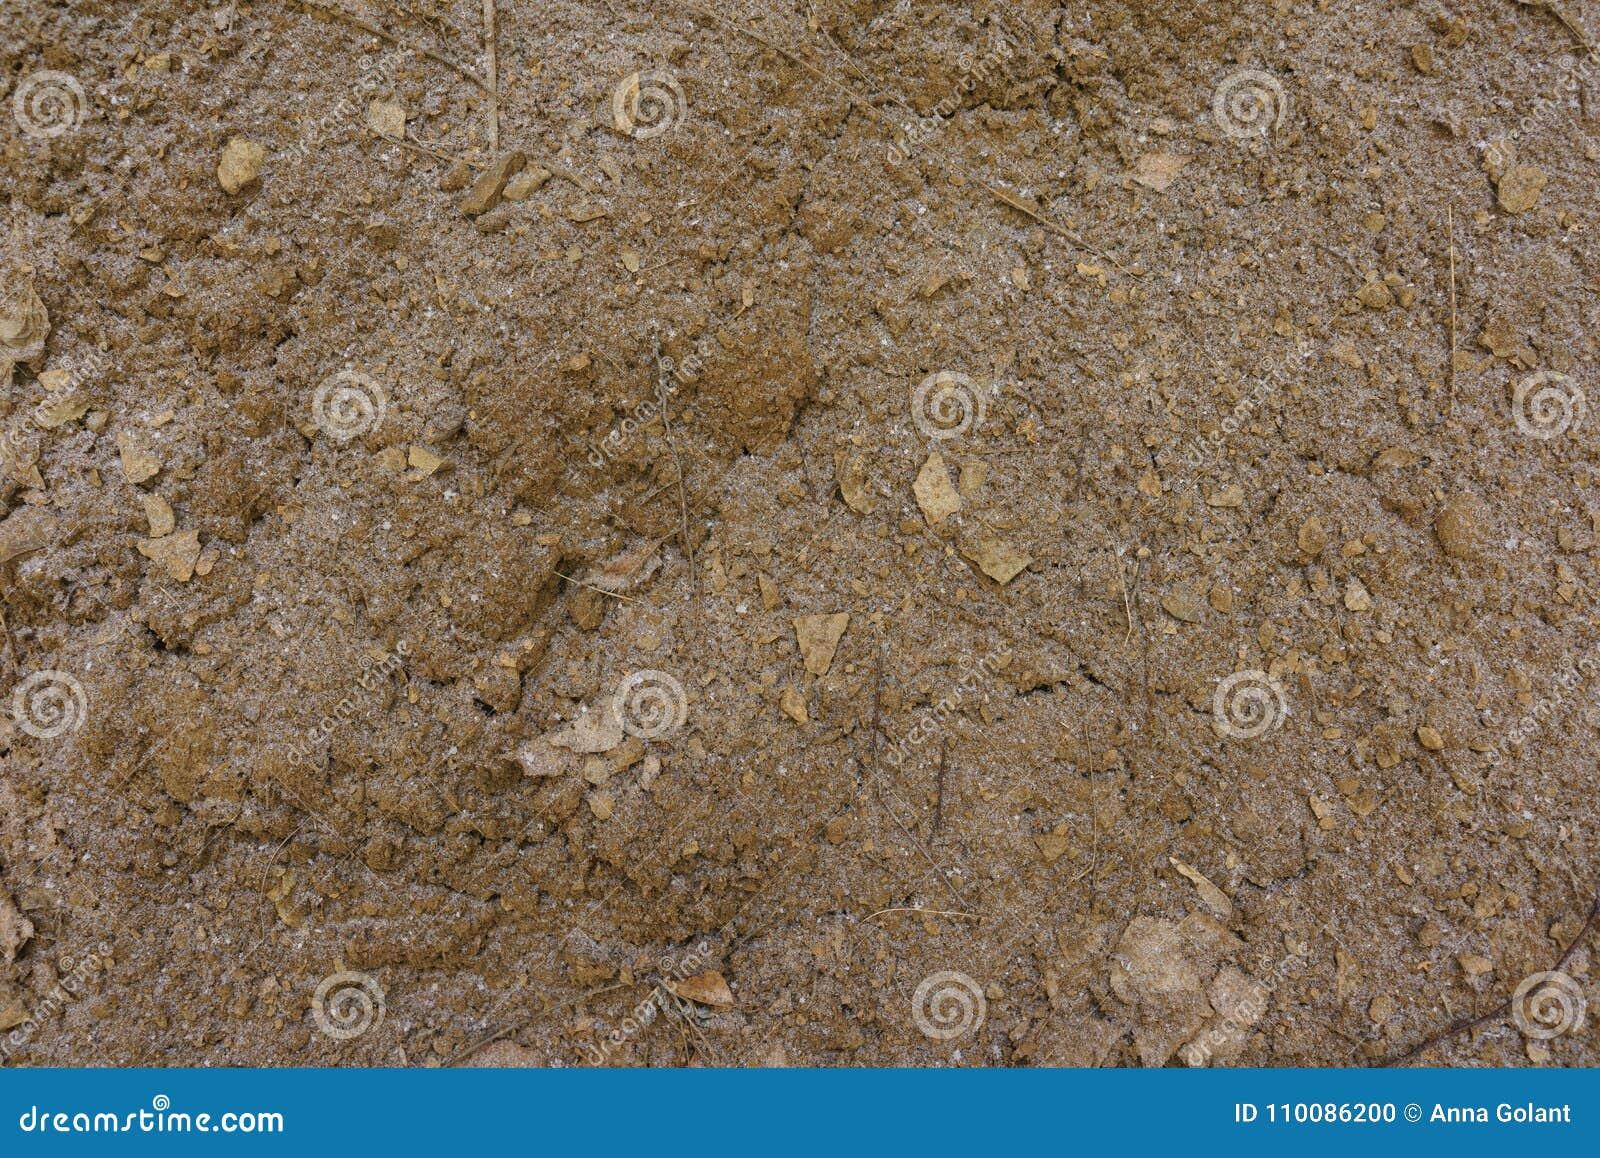 Текстура земли с небольшим количеством снега без заводов brougham конец вверх Взгляд сверху